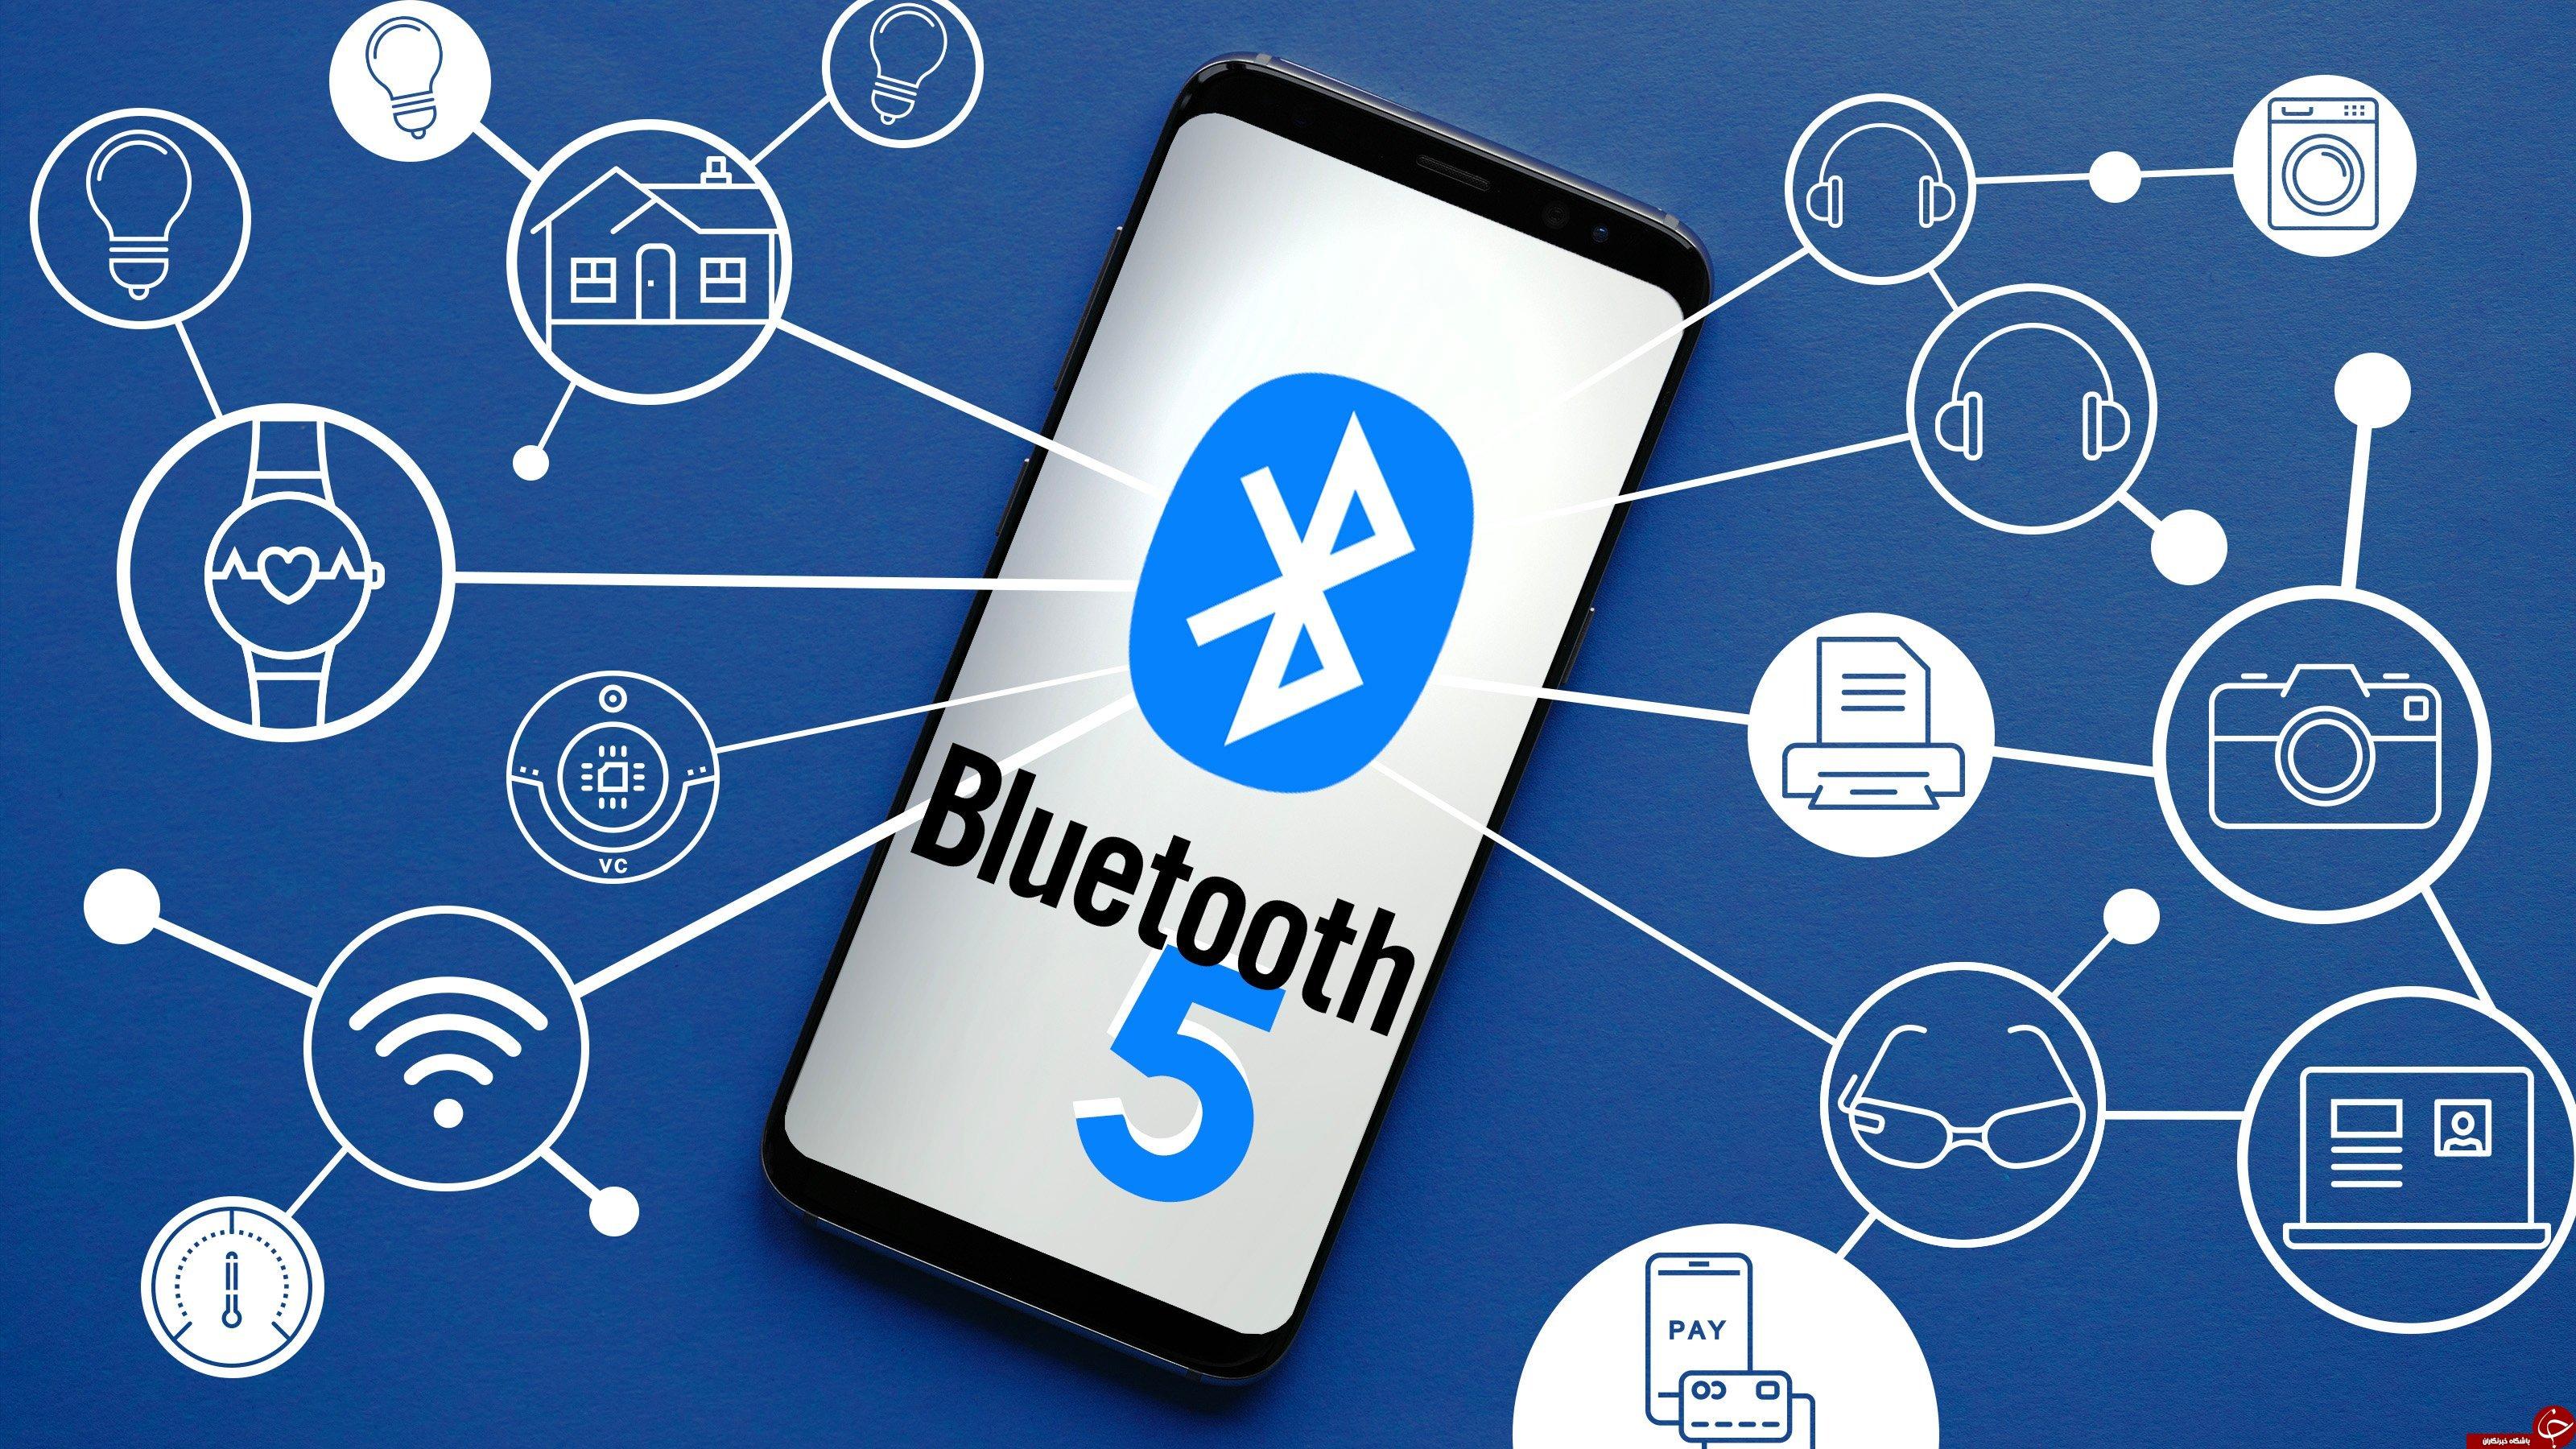 آیا میدانید؛ Bluetooth چطور کار می کند؟ + معرفی ویژگیهای آن